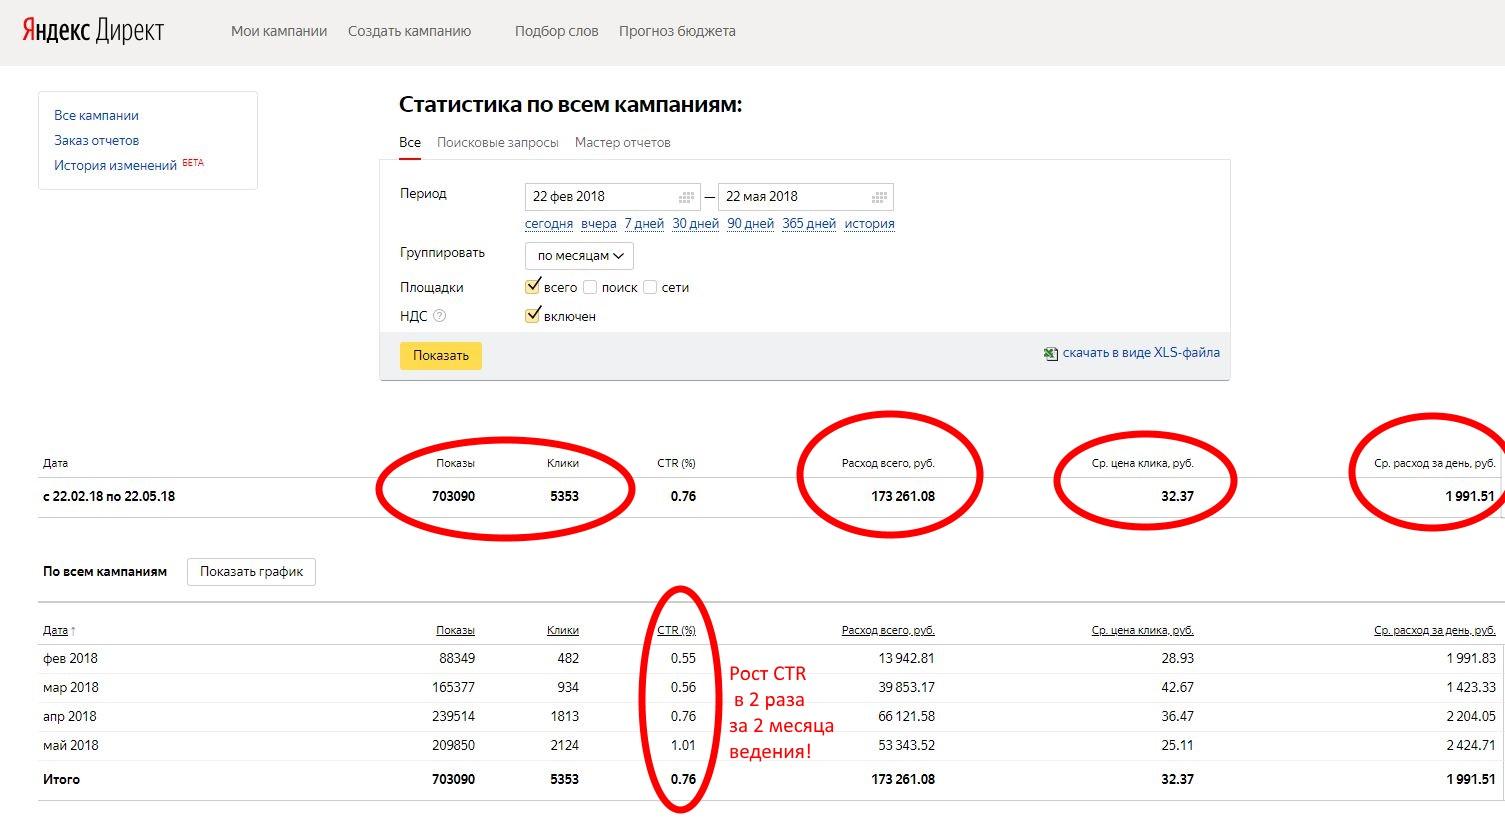 Ведение рекламной кампании Фитнес-клуба в москве. Рост CTR в 2 раза а Заявок в 3 раза!